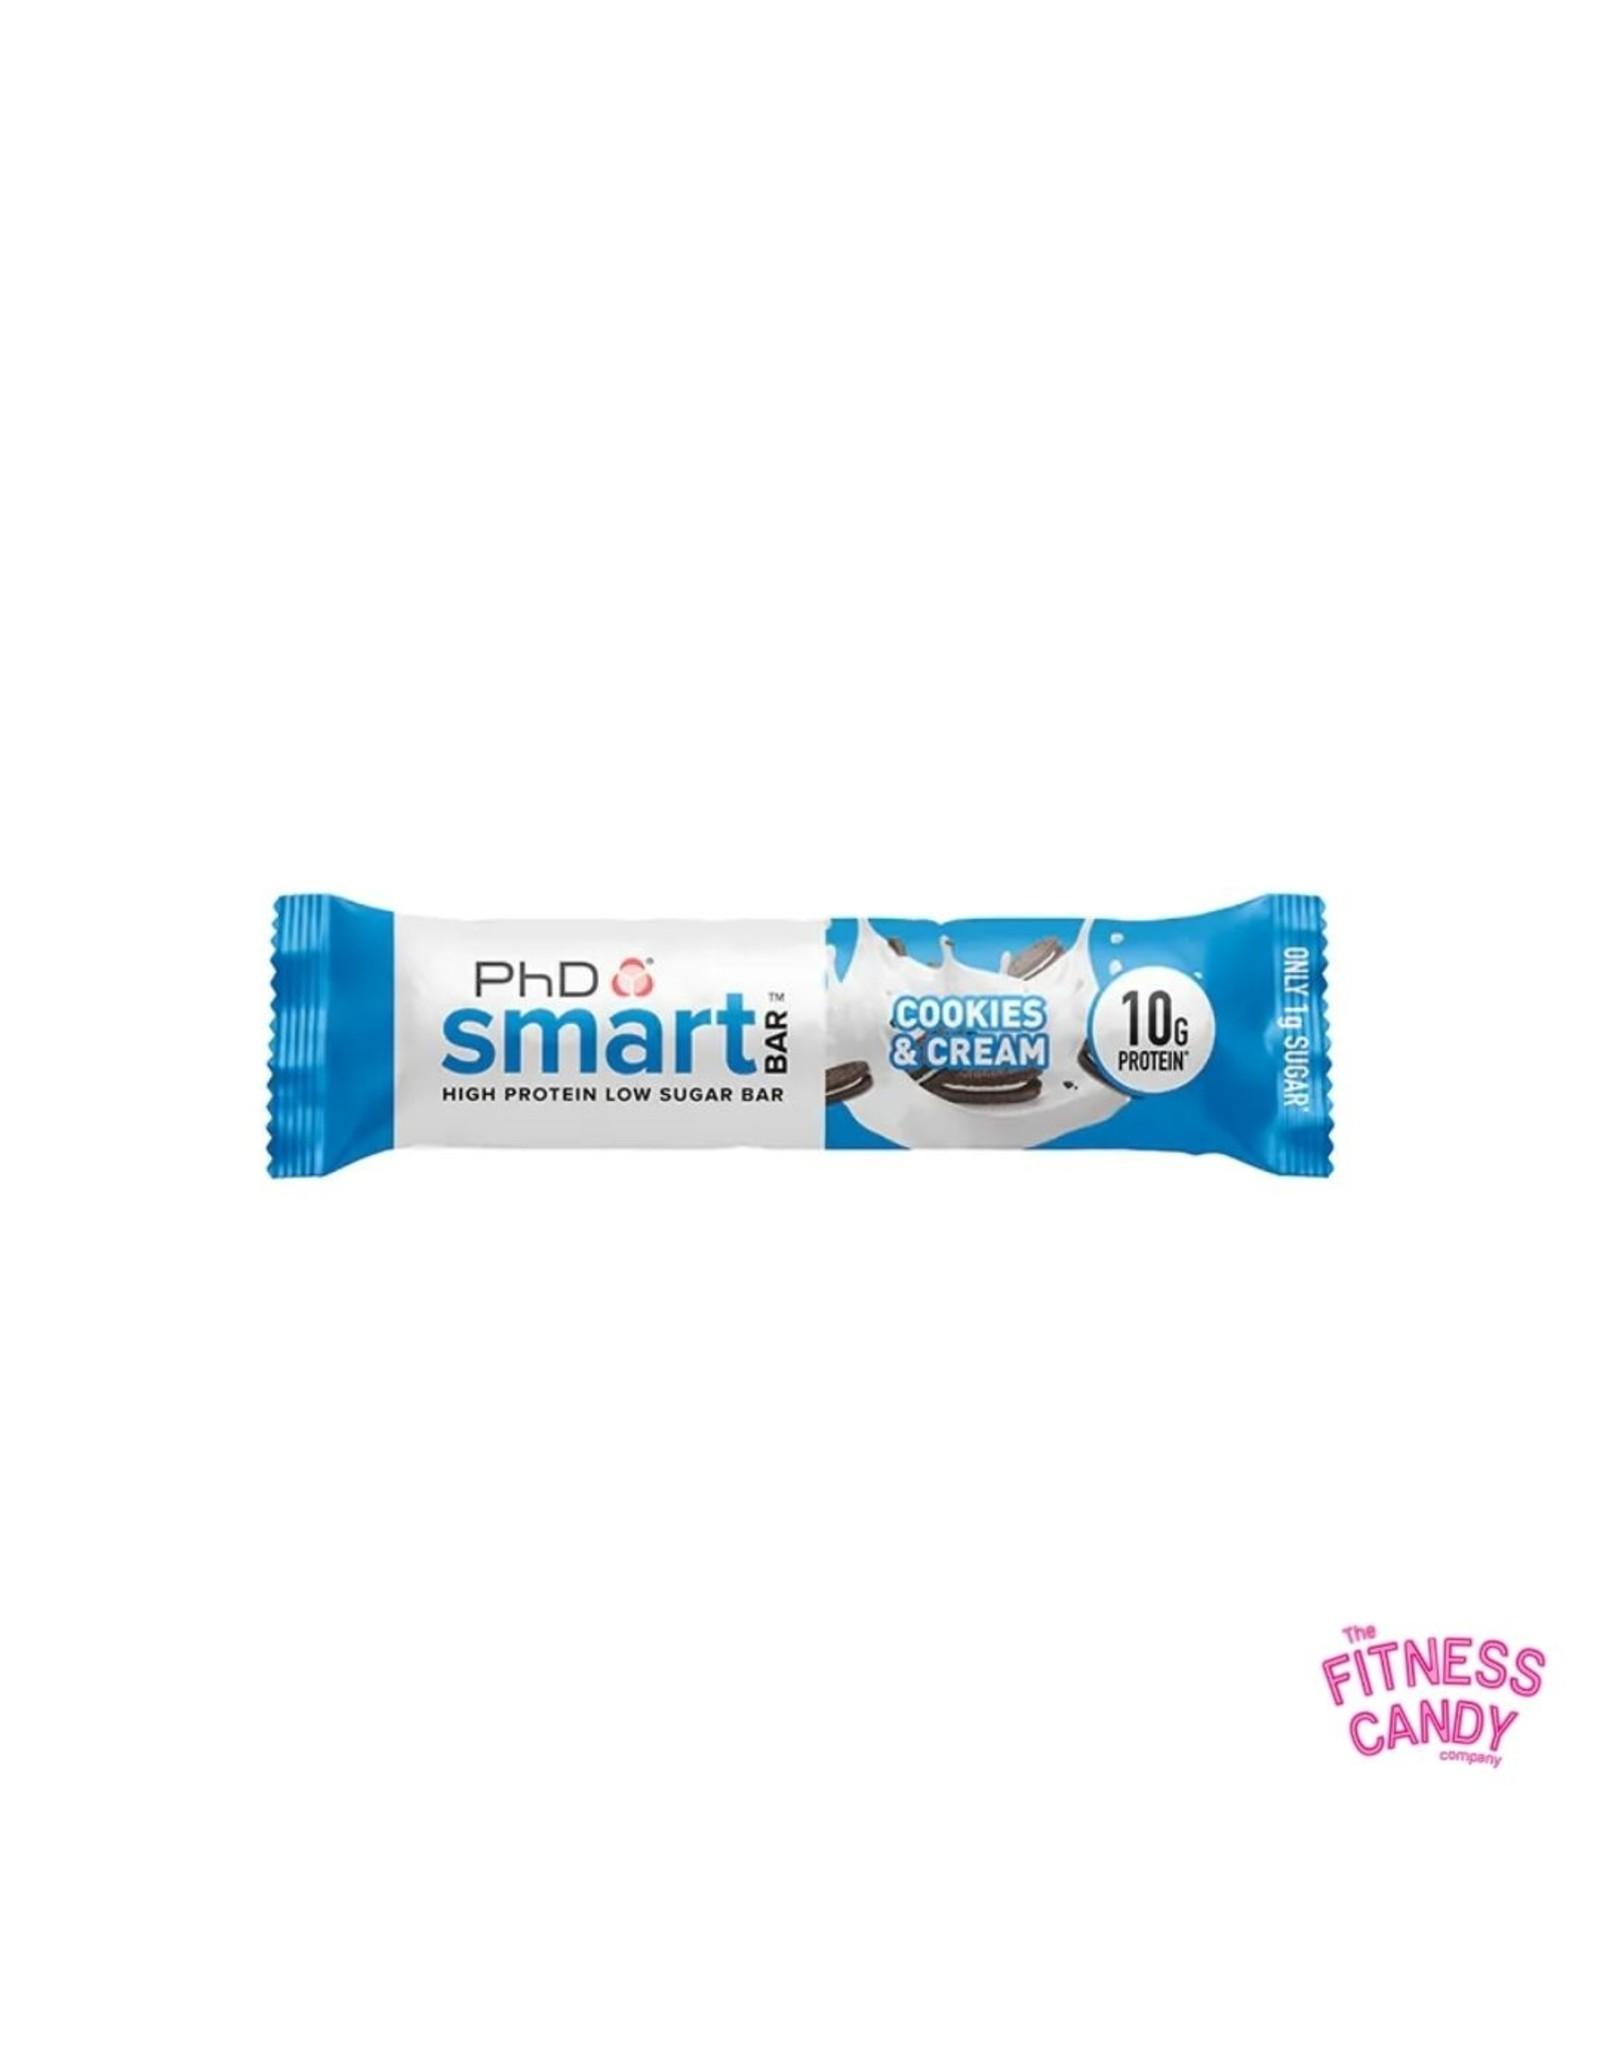 PhD PhD SMART BAR Cookies & Cream